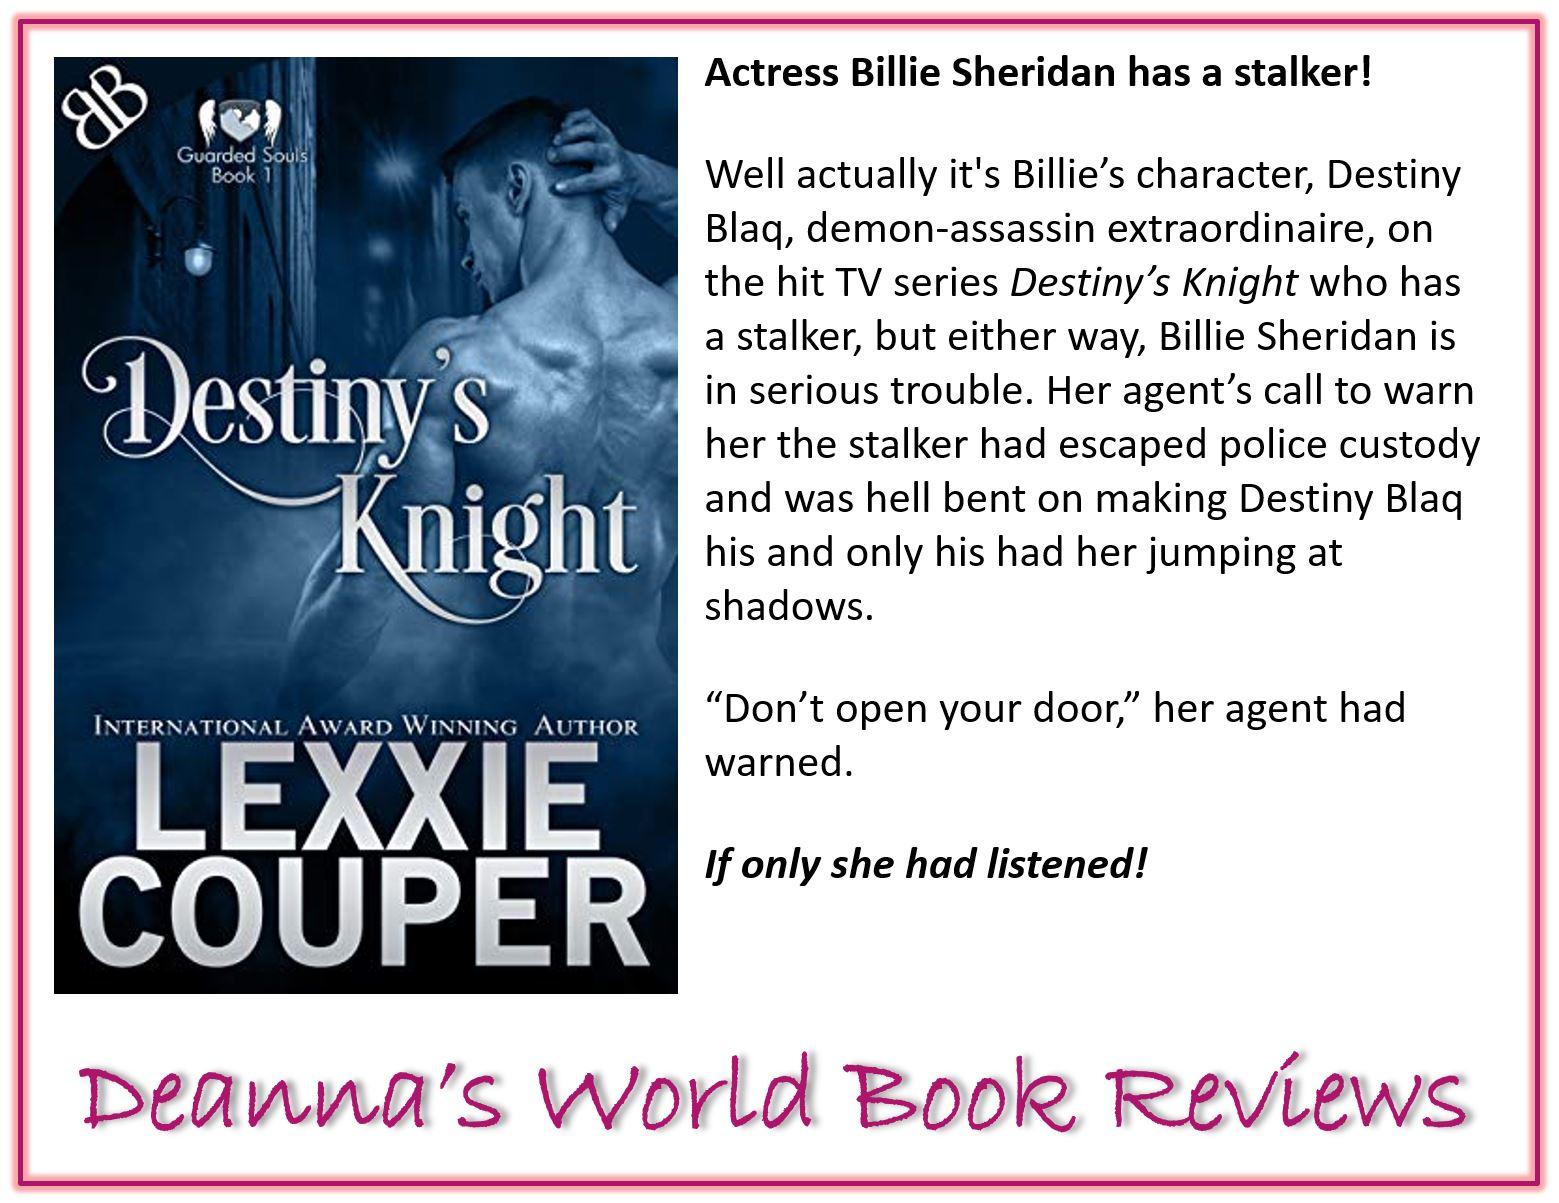 Destiny's Knight by Lexxie Couper blurb